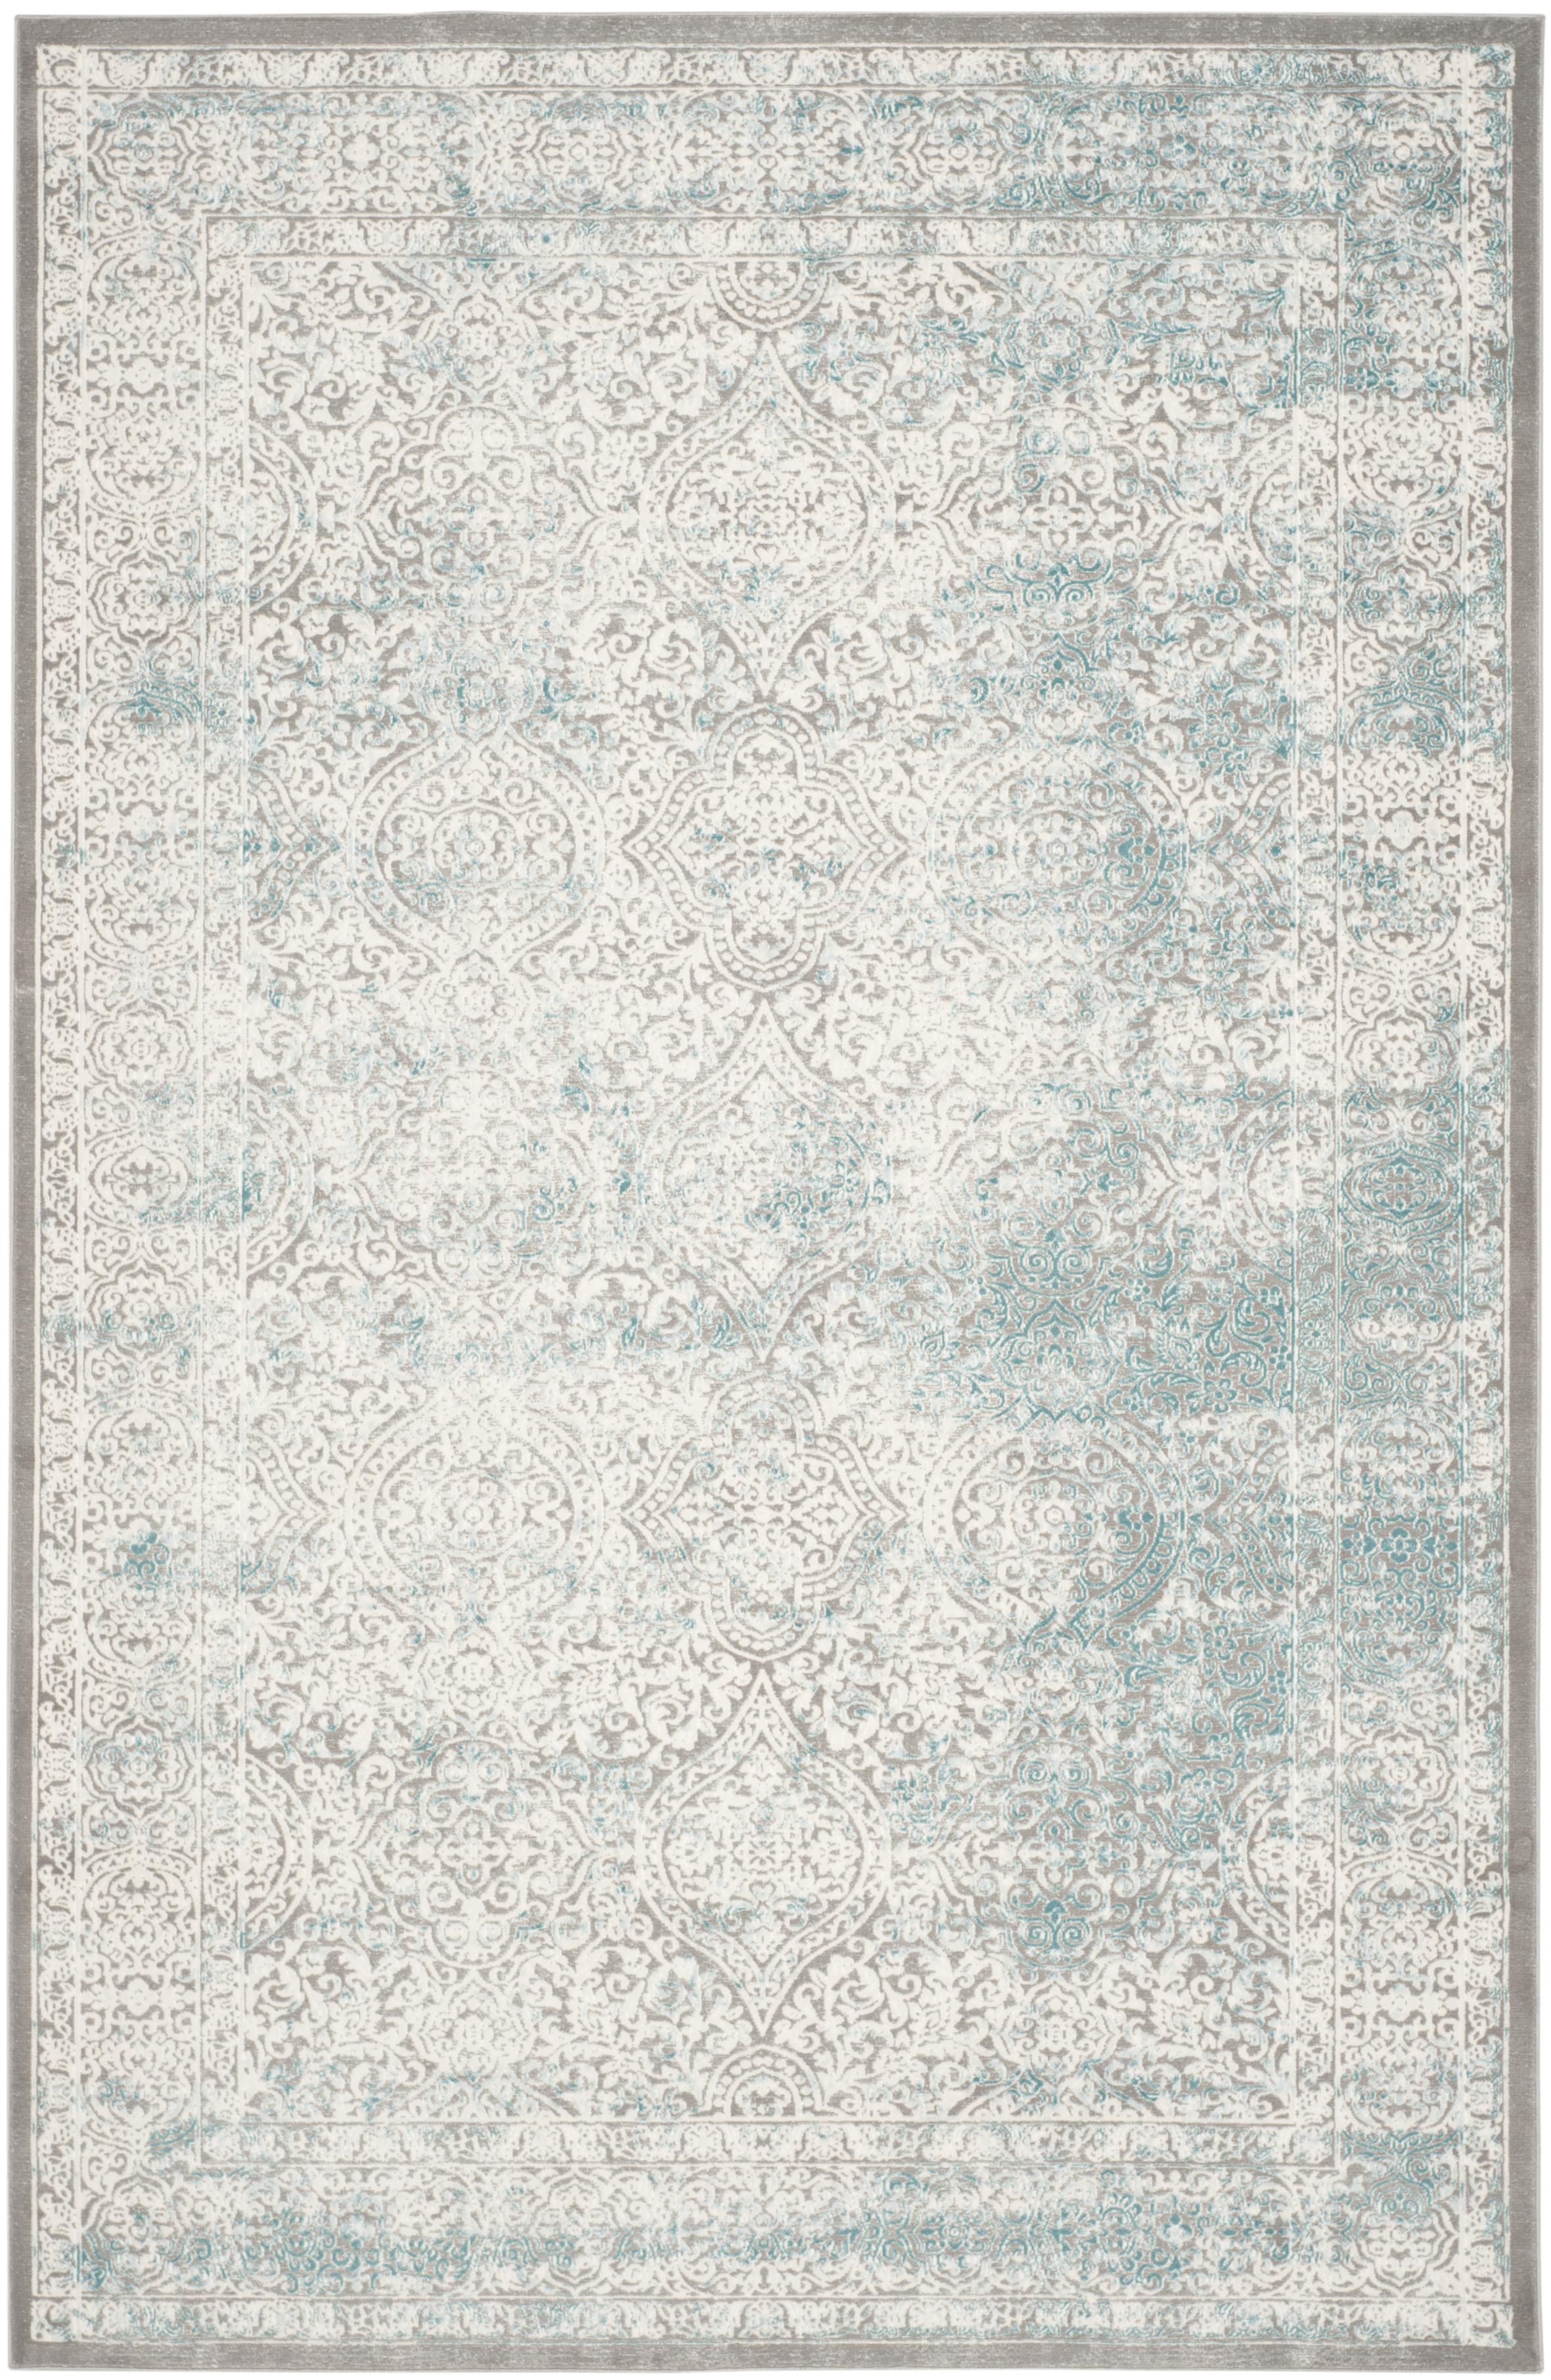 Jennifer 401 9' X 12' Turquoise Polypropylene Rug